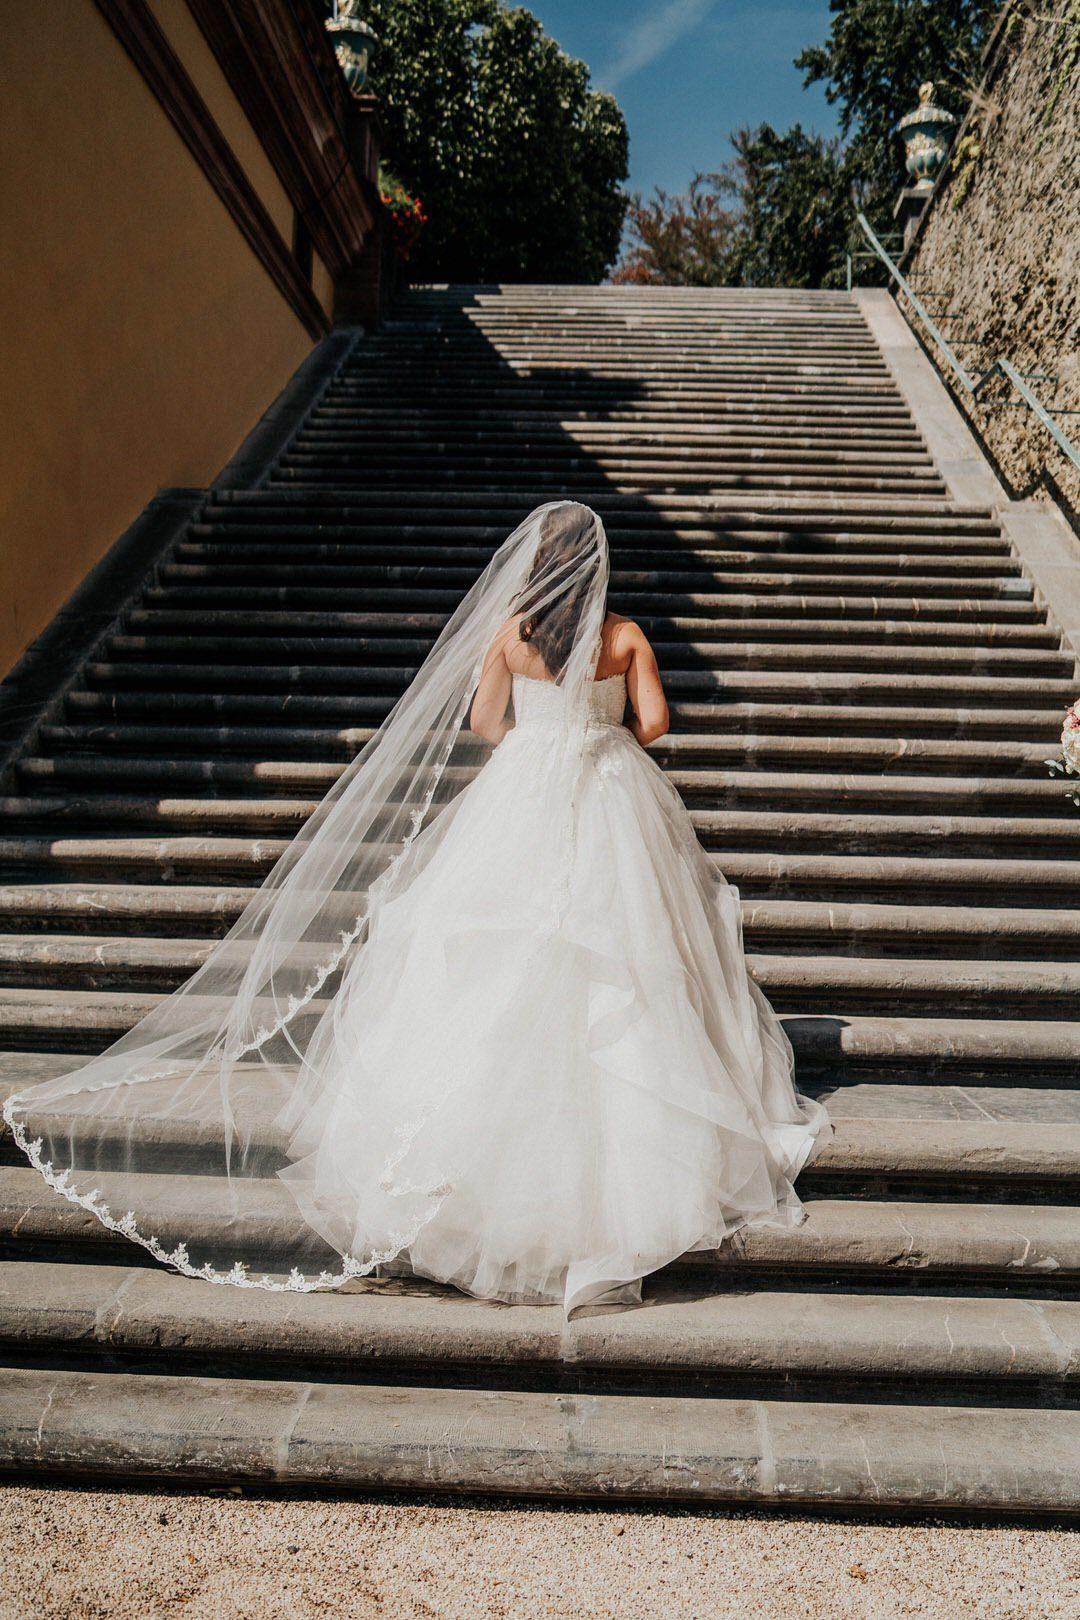 Italienische Vintage-Braut auf dem Weg die Treppe hoch mit Wind im Schleier